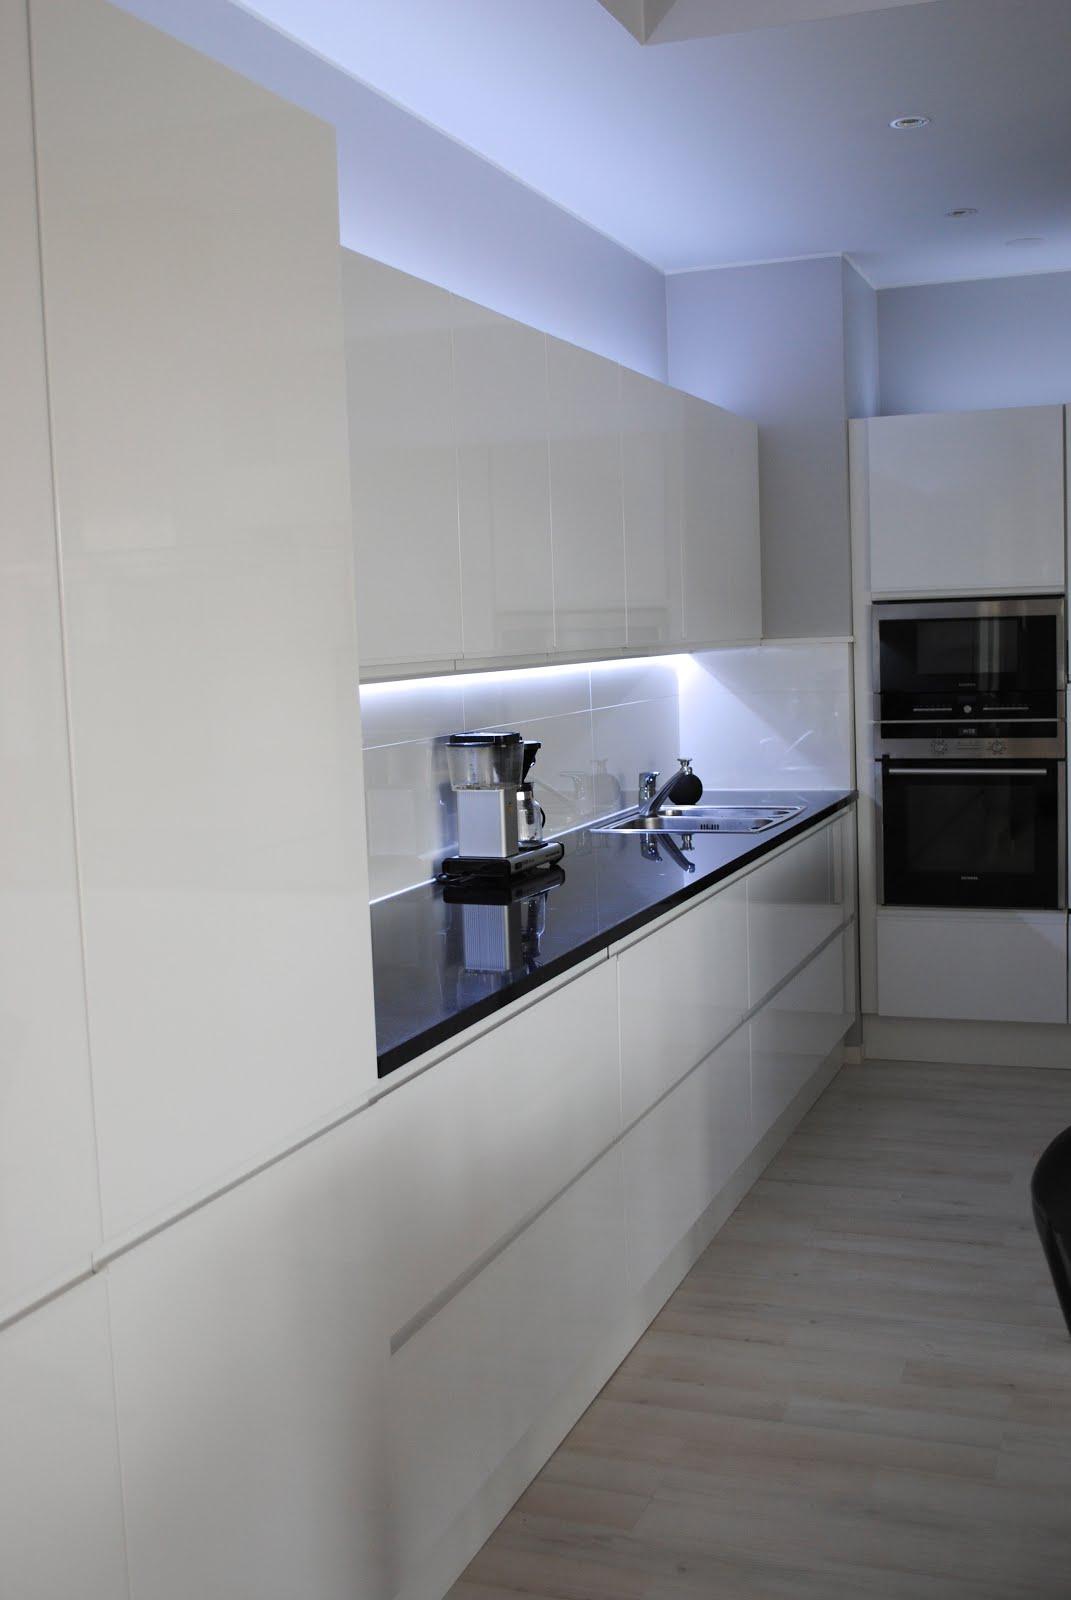 Vaihtoehto keittiön välitilan lasille  Modernisti kodikas  Idealista